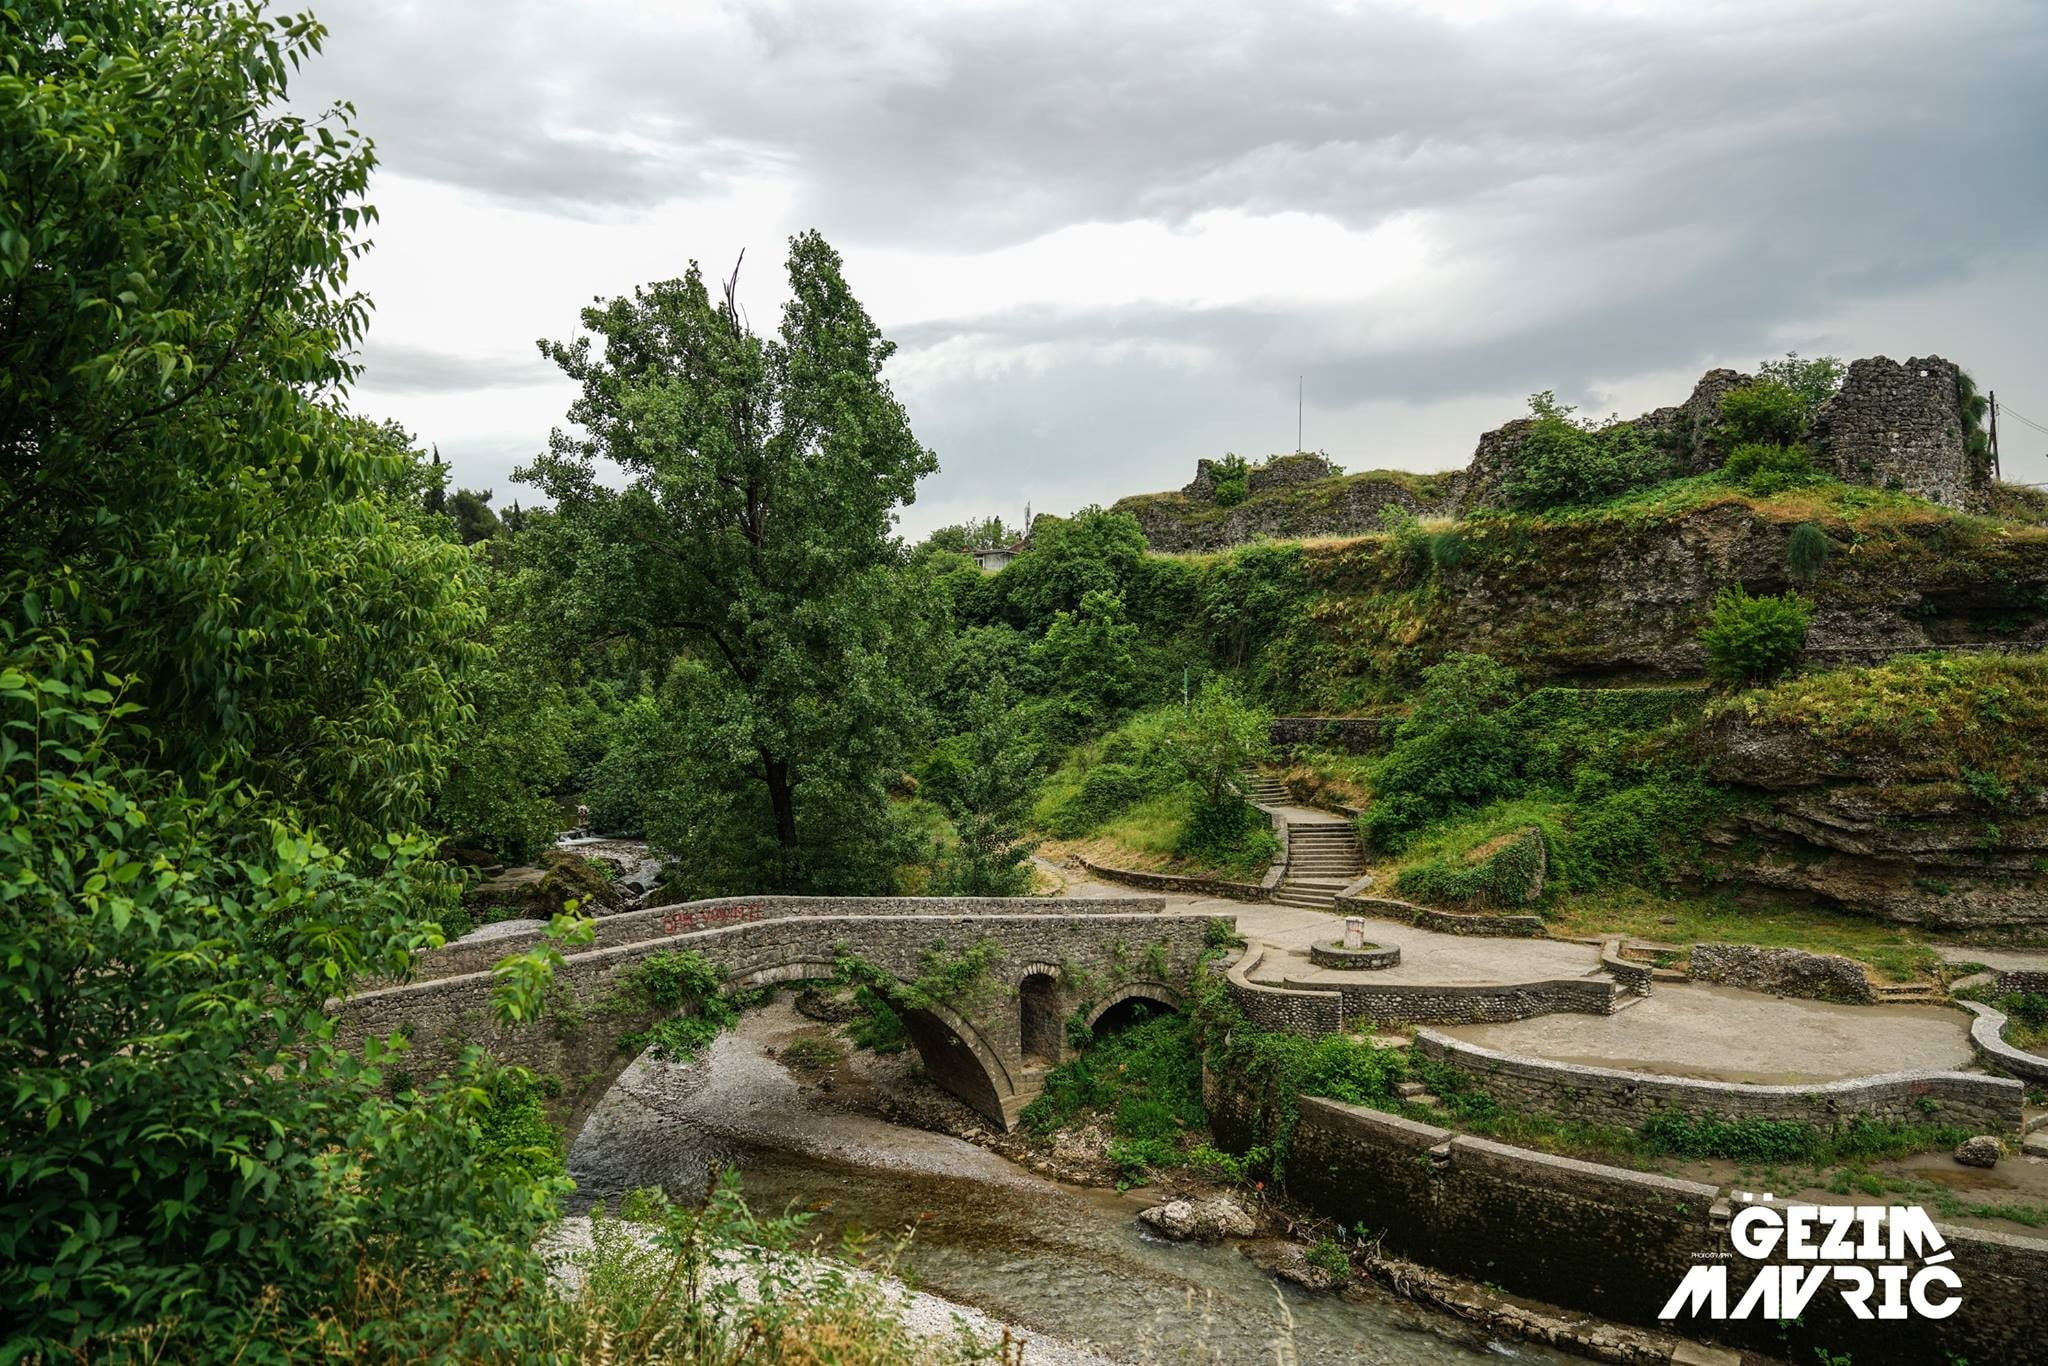 Ura e Ribnicës në Podgoricë. Vendi ku iu ngrit kurtha dhe u vra baca Isë Boletini së bashku me shokët e tij më 23 janar 1916.